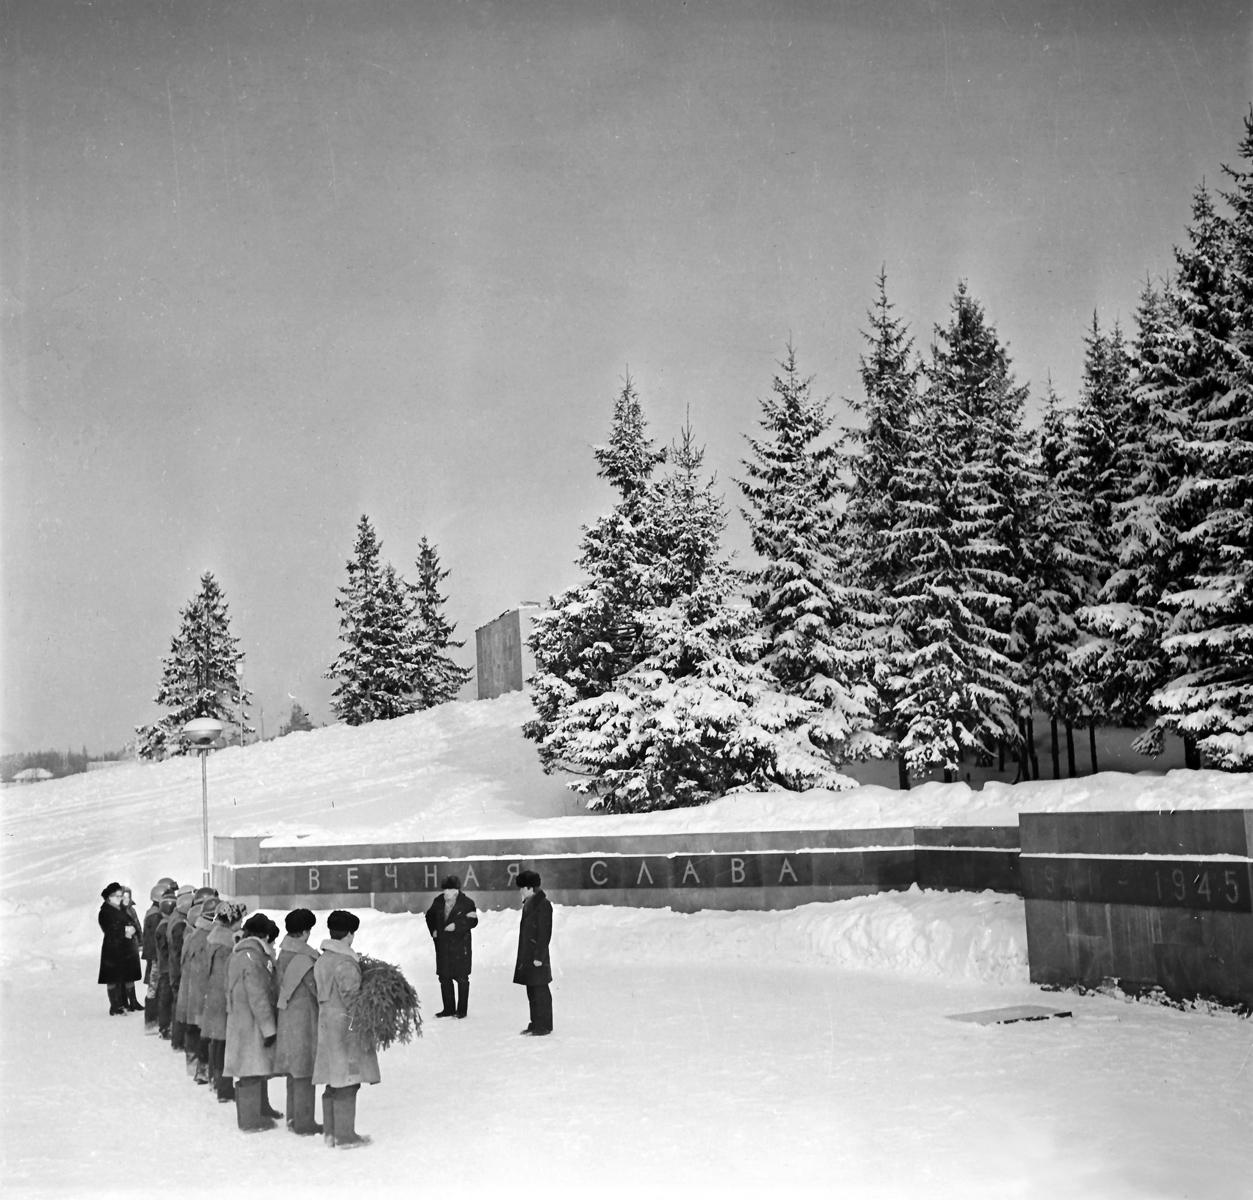 Февраль 1981 года. Питкяранта. Памятник советским воинам 1941-1945 годов